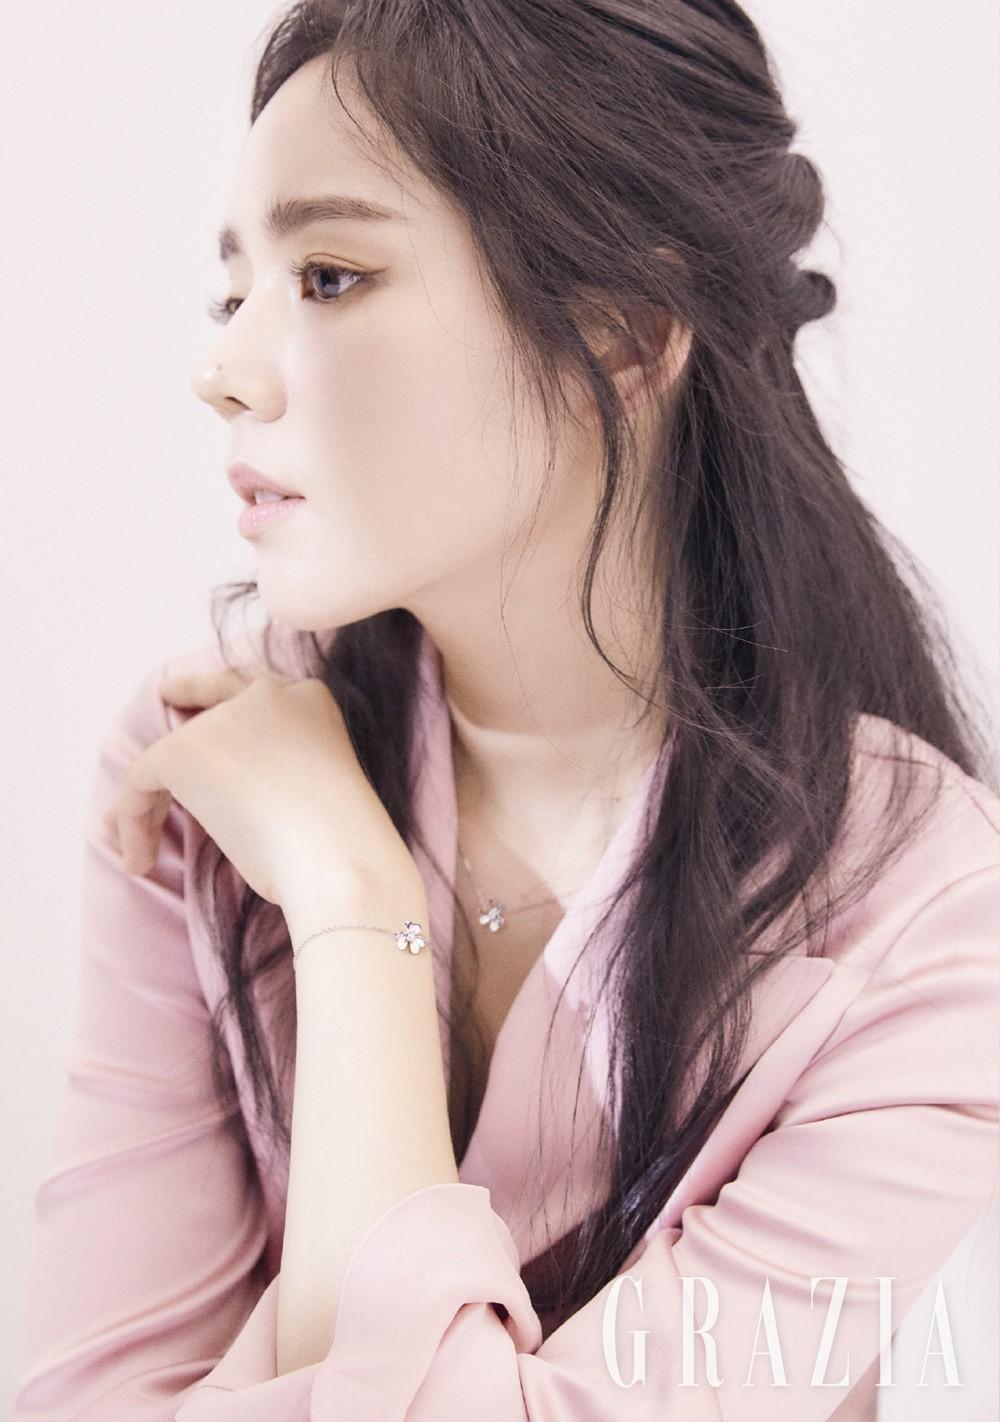 VZN News: Lâu rồi Suzy mới gây sốt với nhan sắc cận cảnh đỉnh cao thế này, nhưng lại gây tranh cãi khi khi đặt cạnh Han Ga In - Ảnh 8.